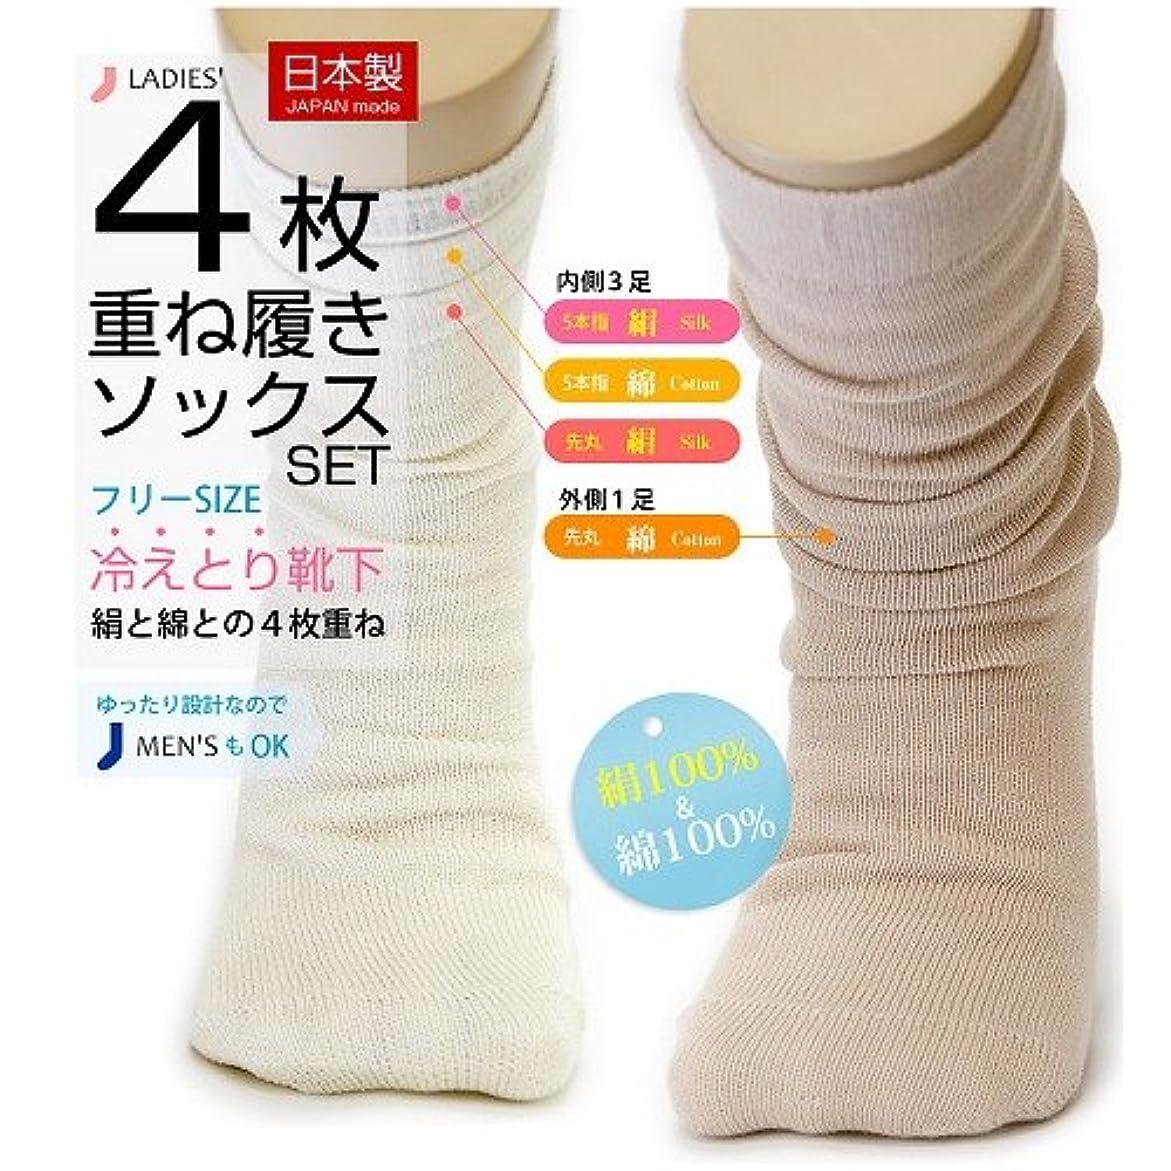 うなる石鹸残り物冷え取り靴下 綿100%とシルク100% 最高級の日本製 4枚重ねばきセット(外側ライトグレー)